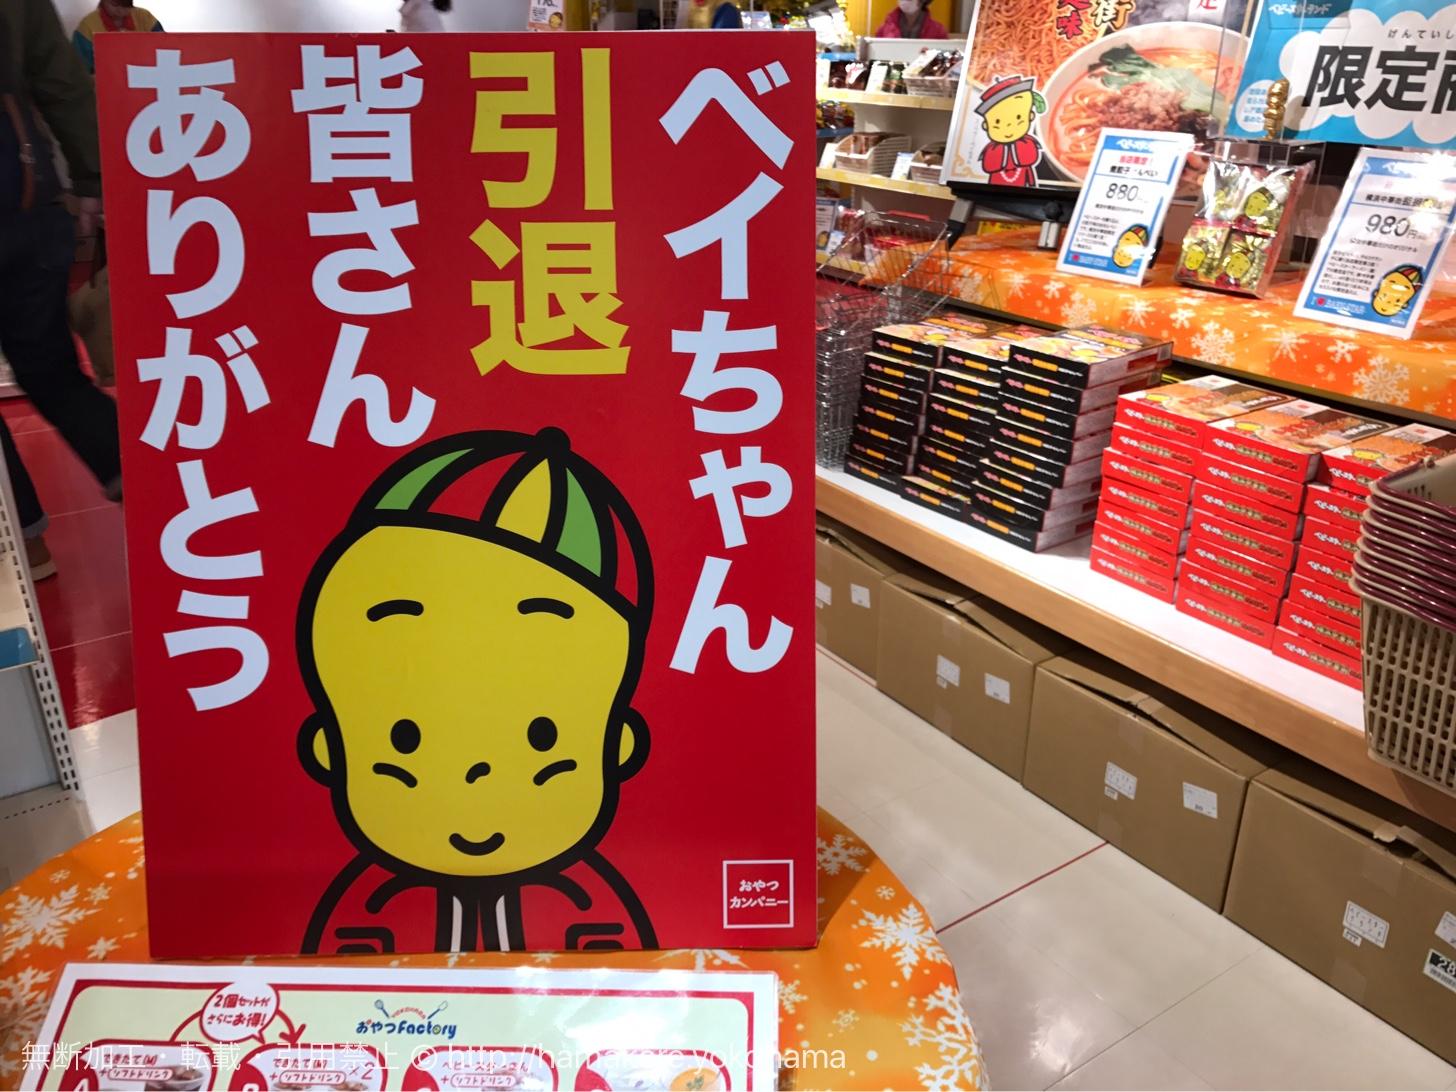 横浜中華街 横浜博覧館でベイちゃんの引退セール実施中!ベイちゃんグッズ多数